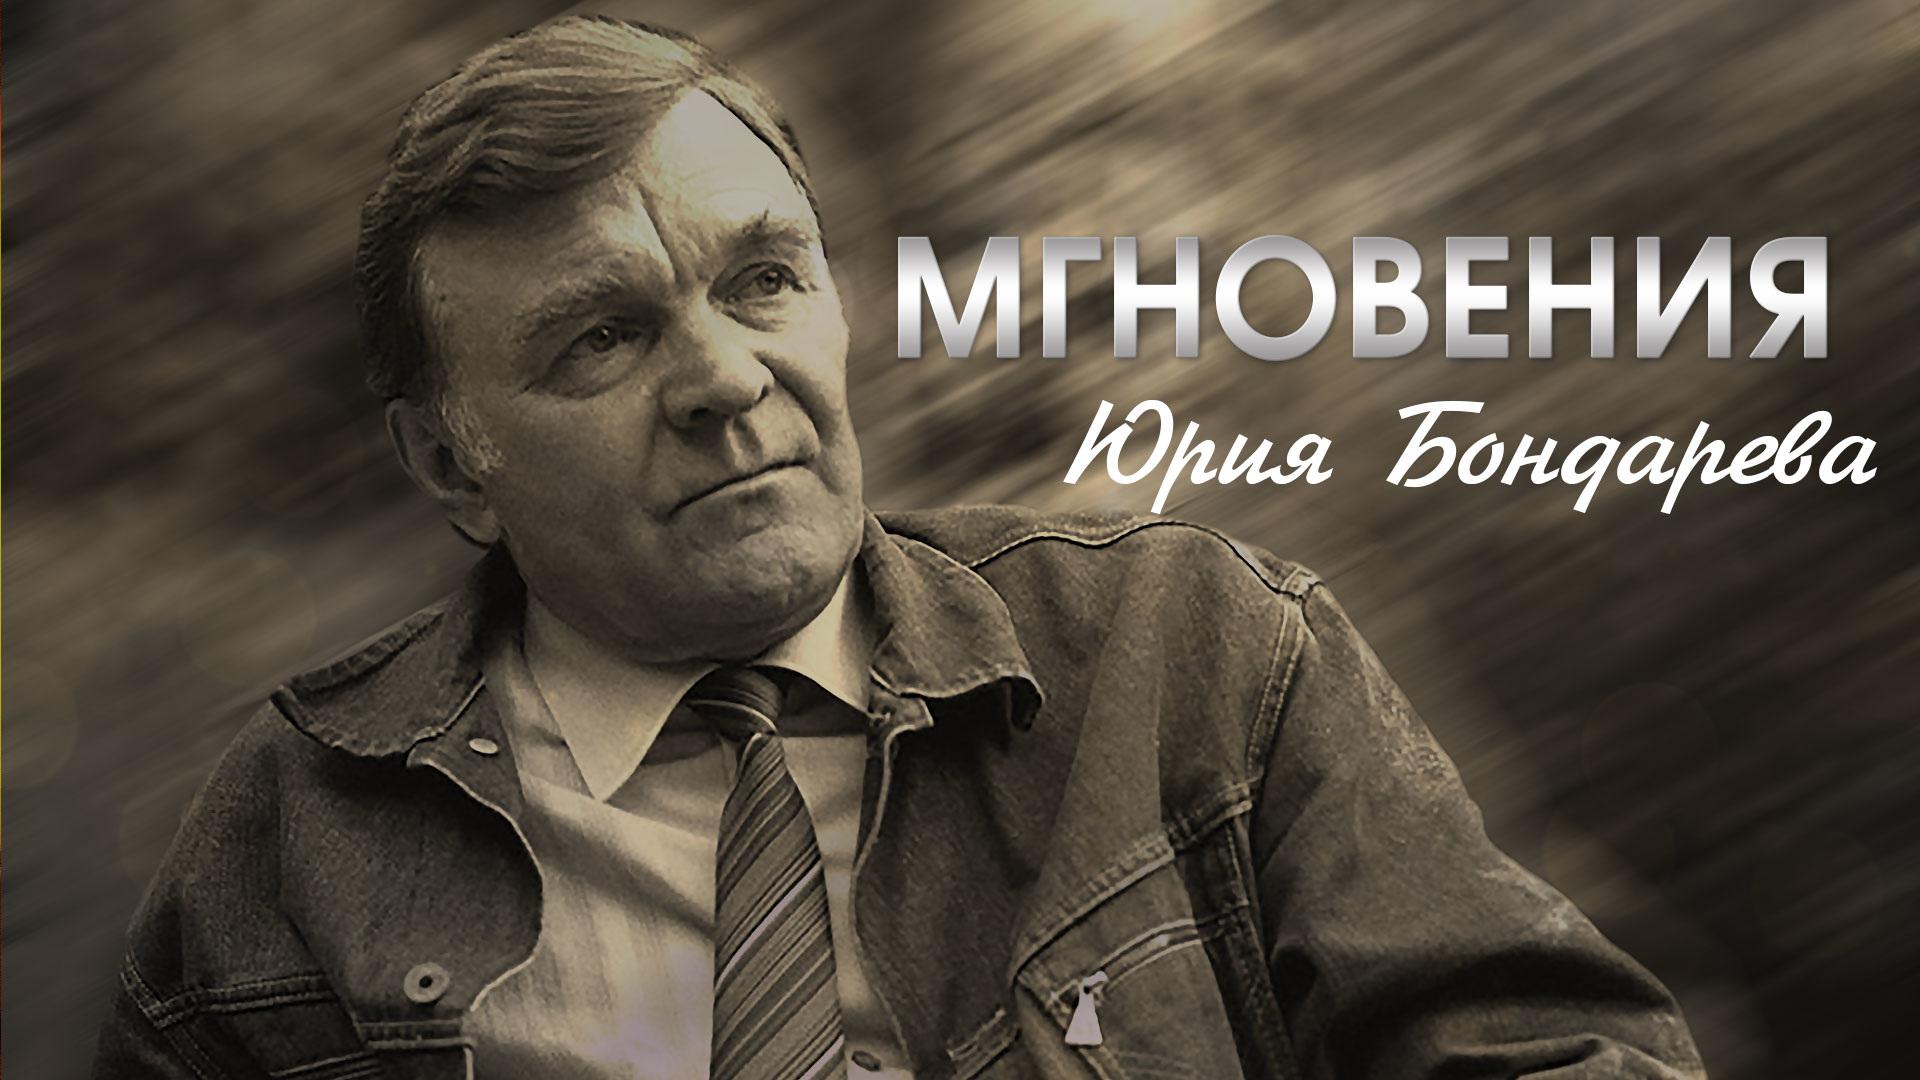 Мгновения Юрия Бондарева